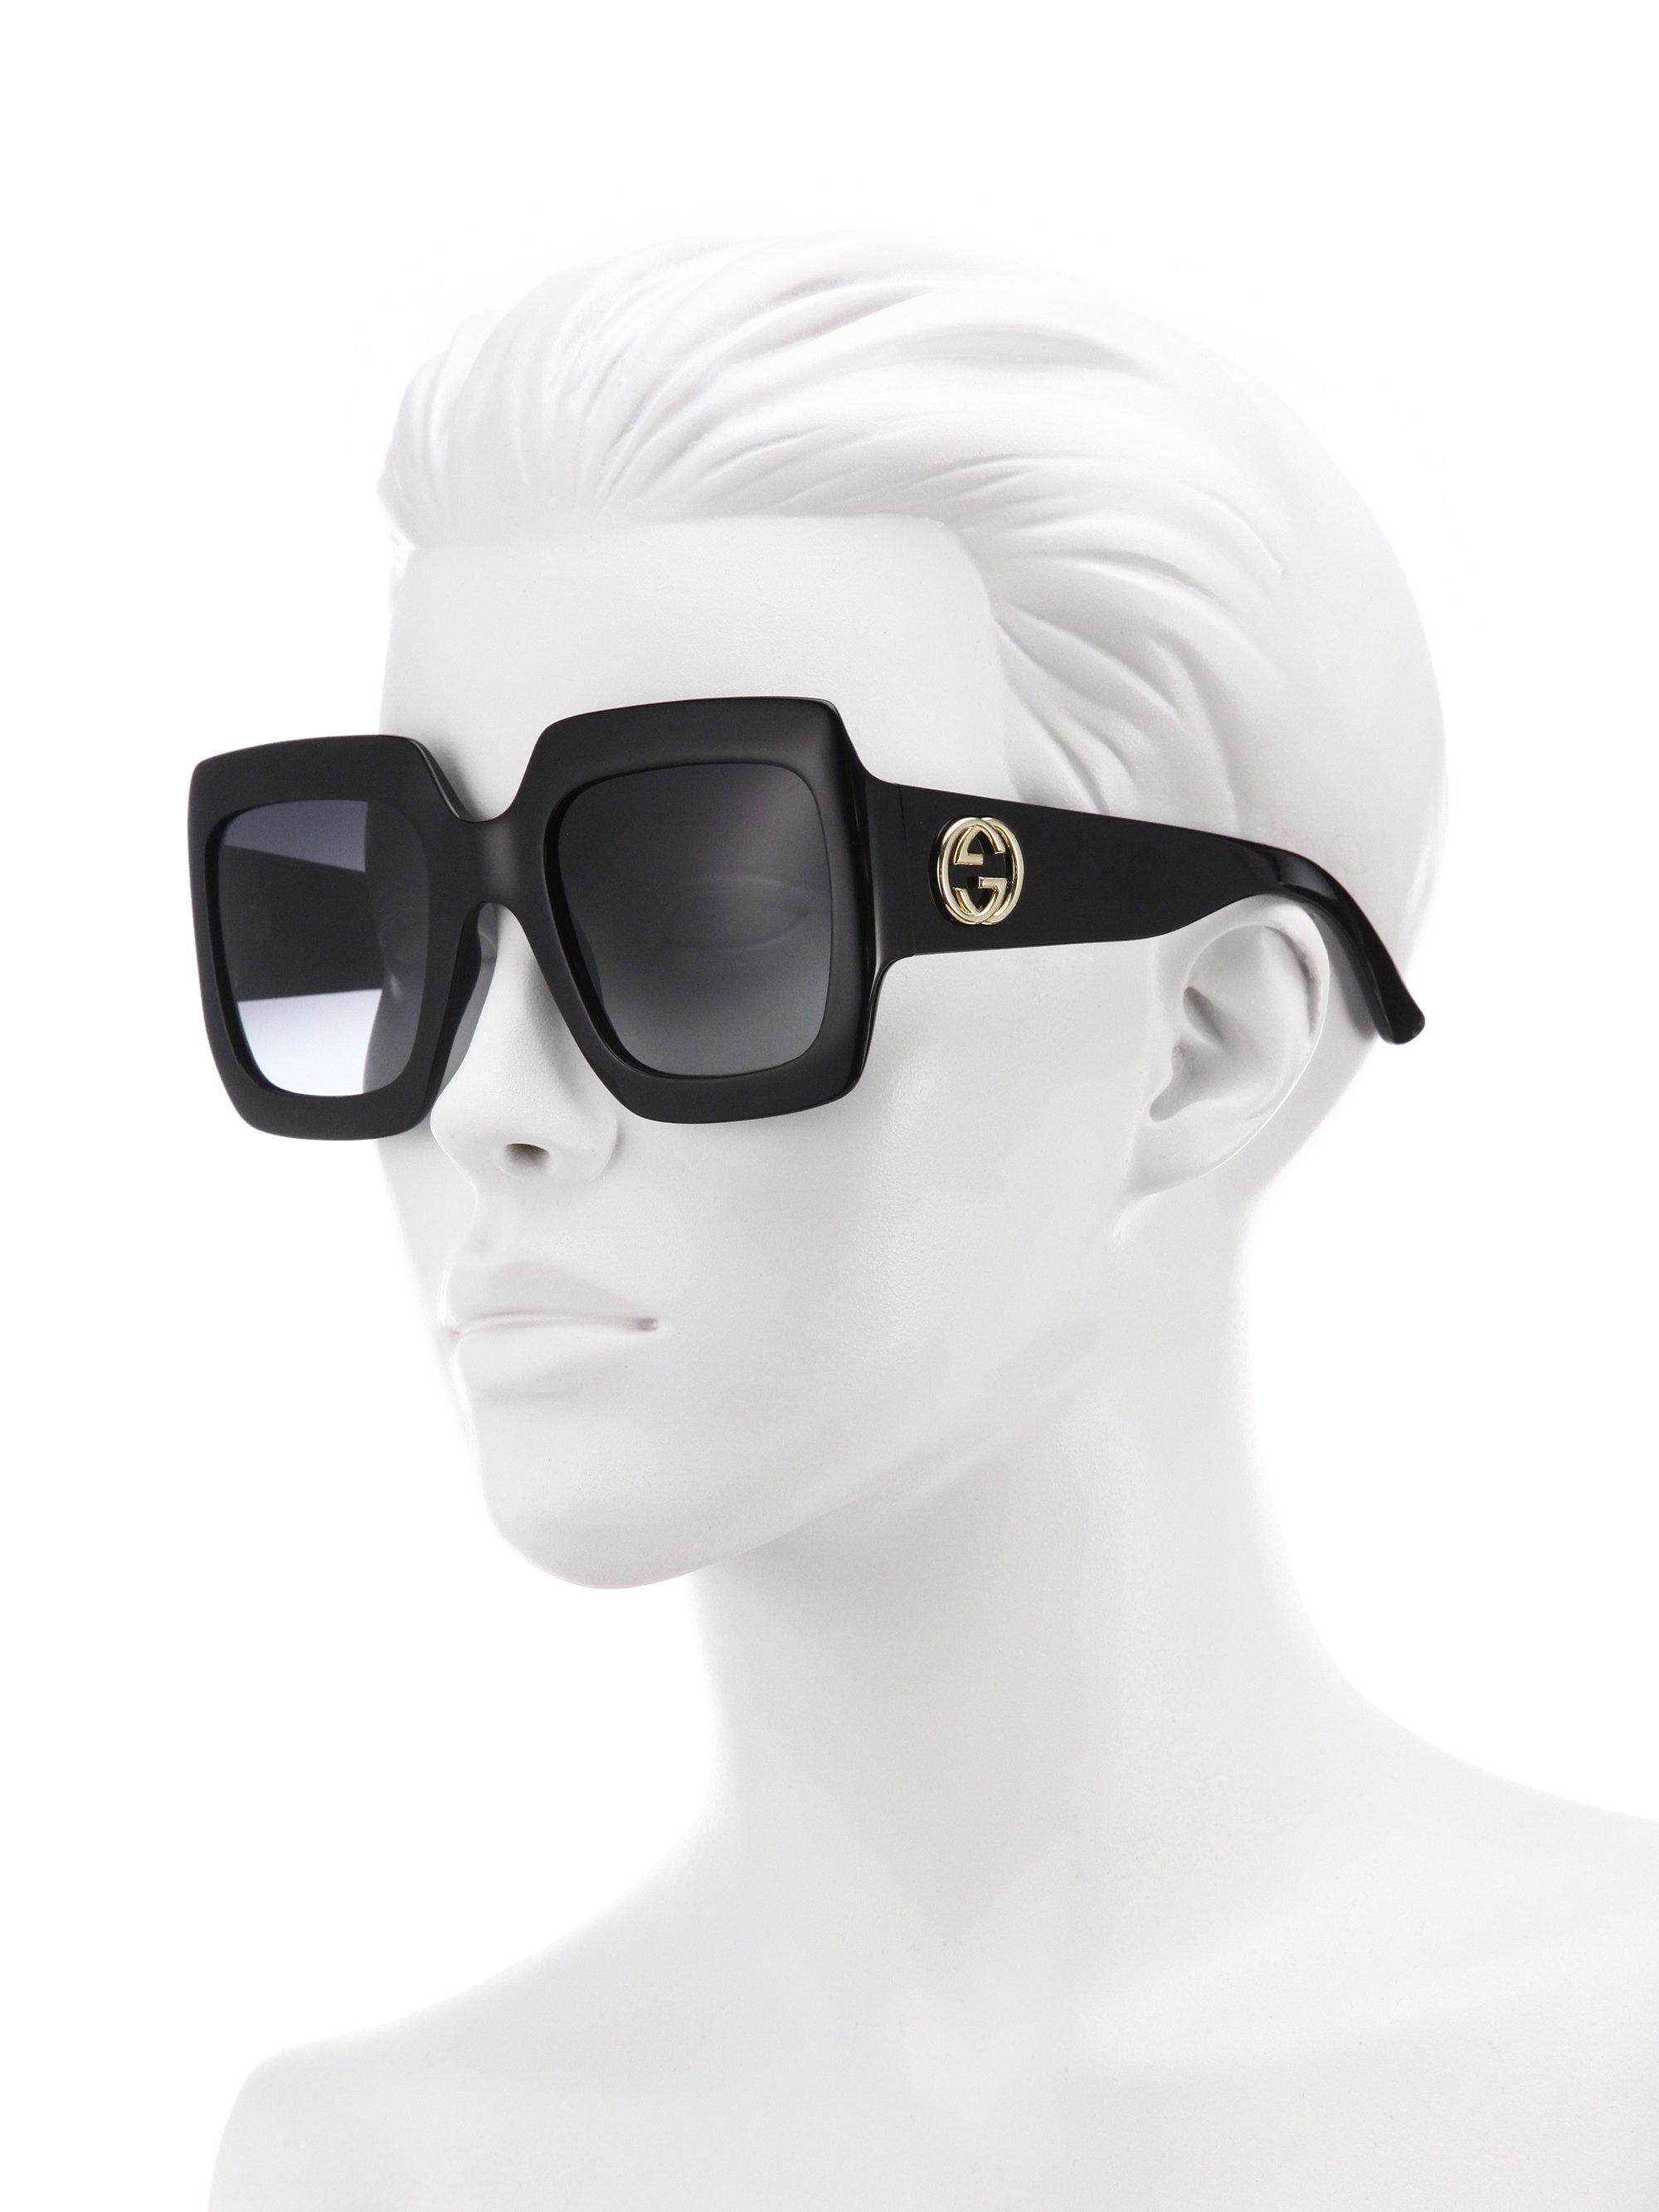 129ad1ba6 Lyst - Gucci 54mm Oversized Square Sunglasses in Black